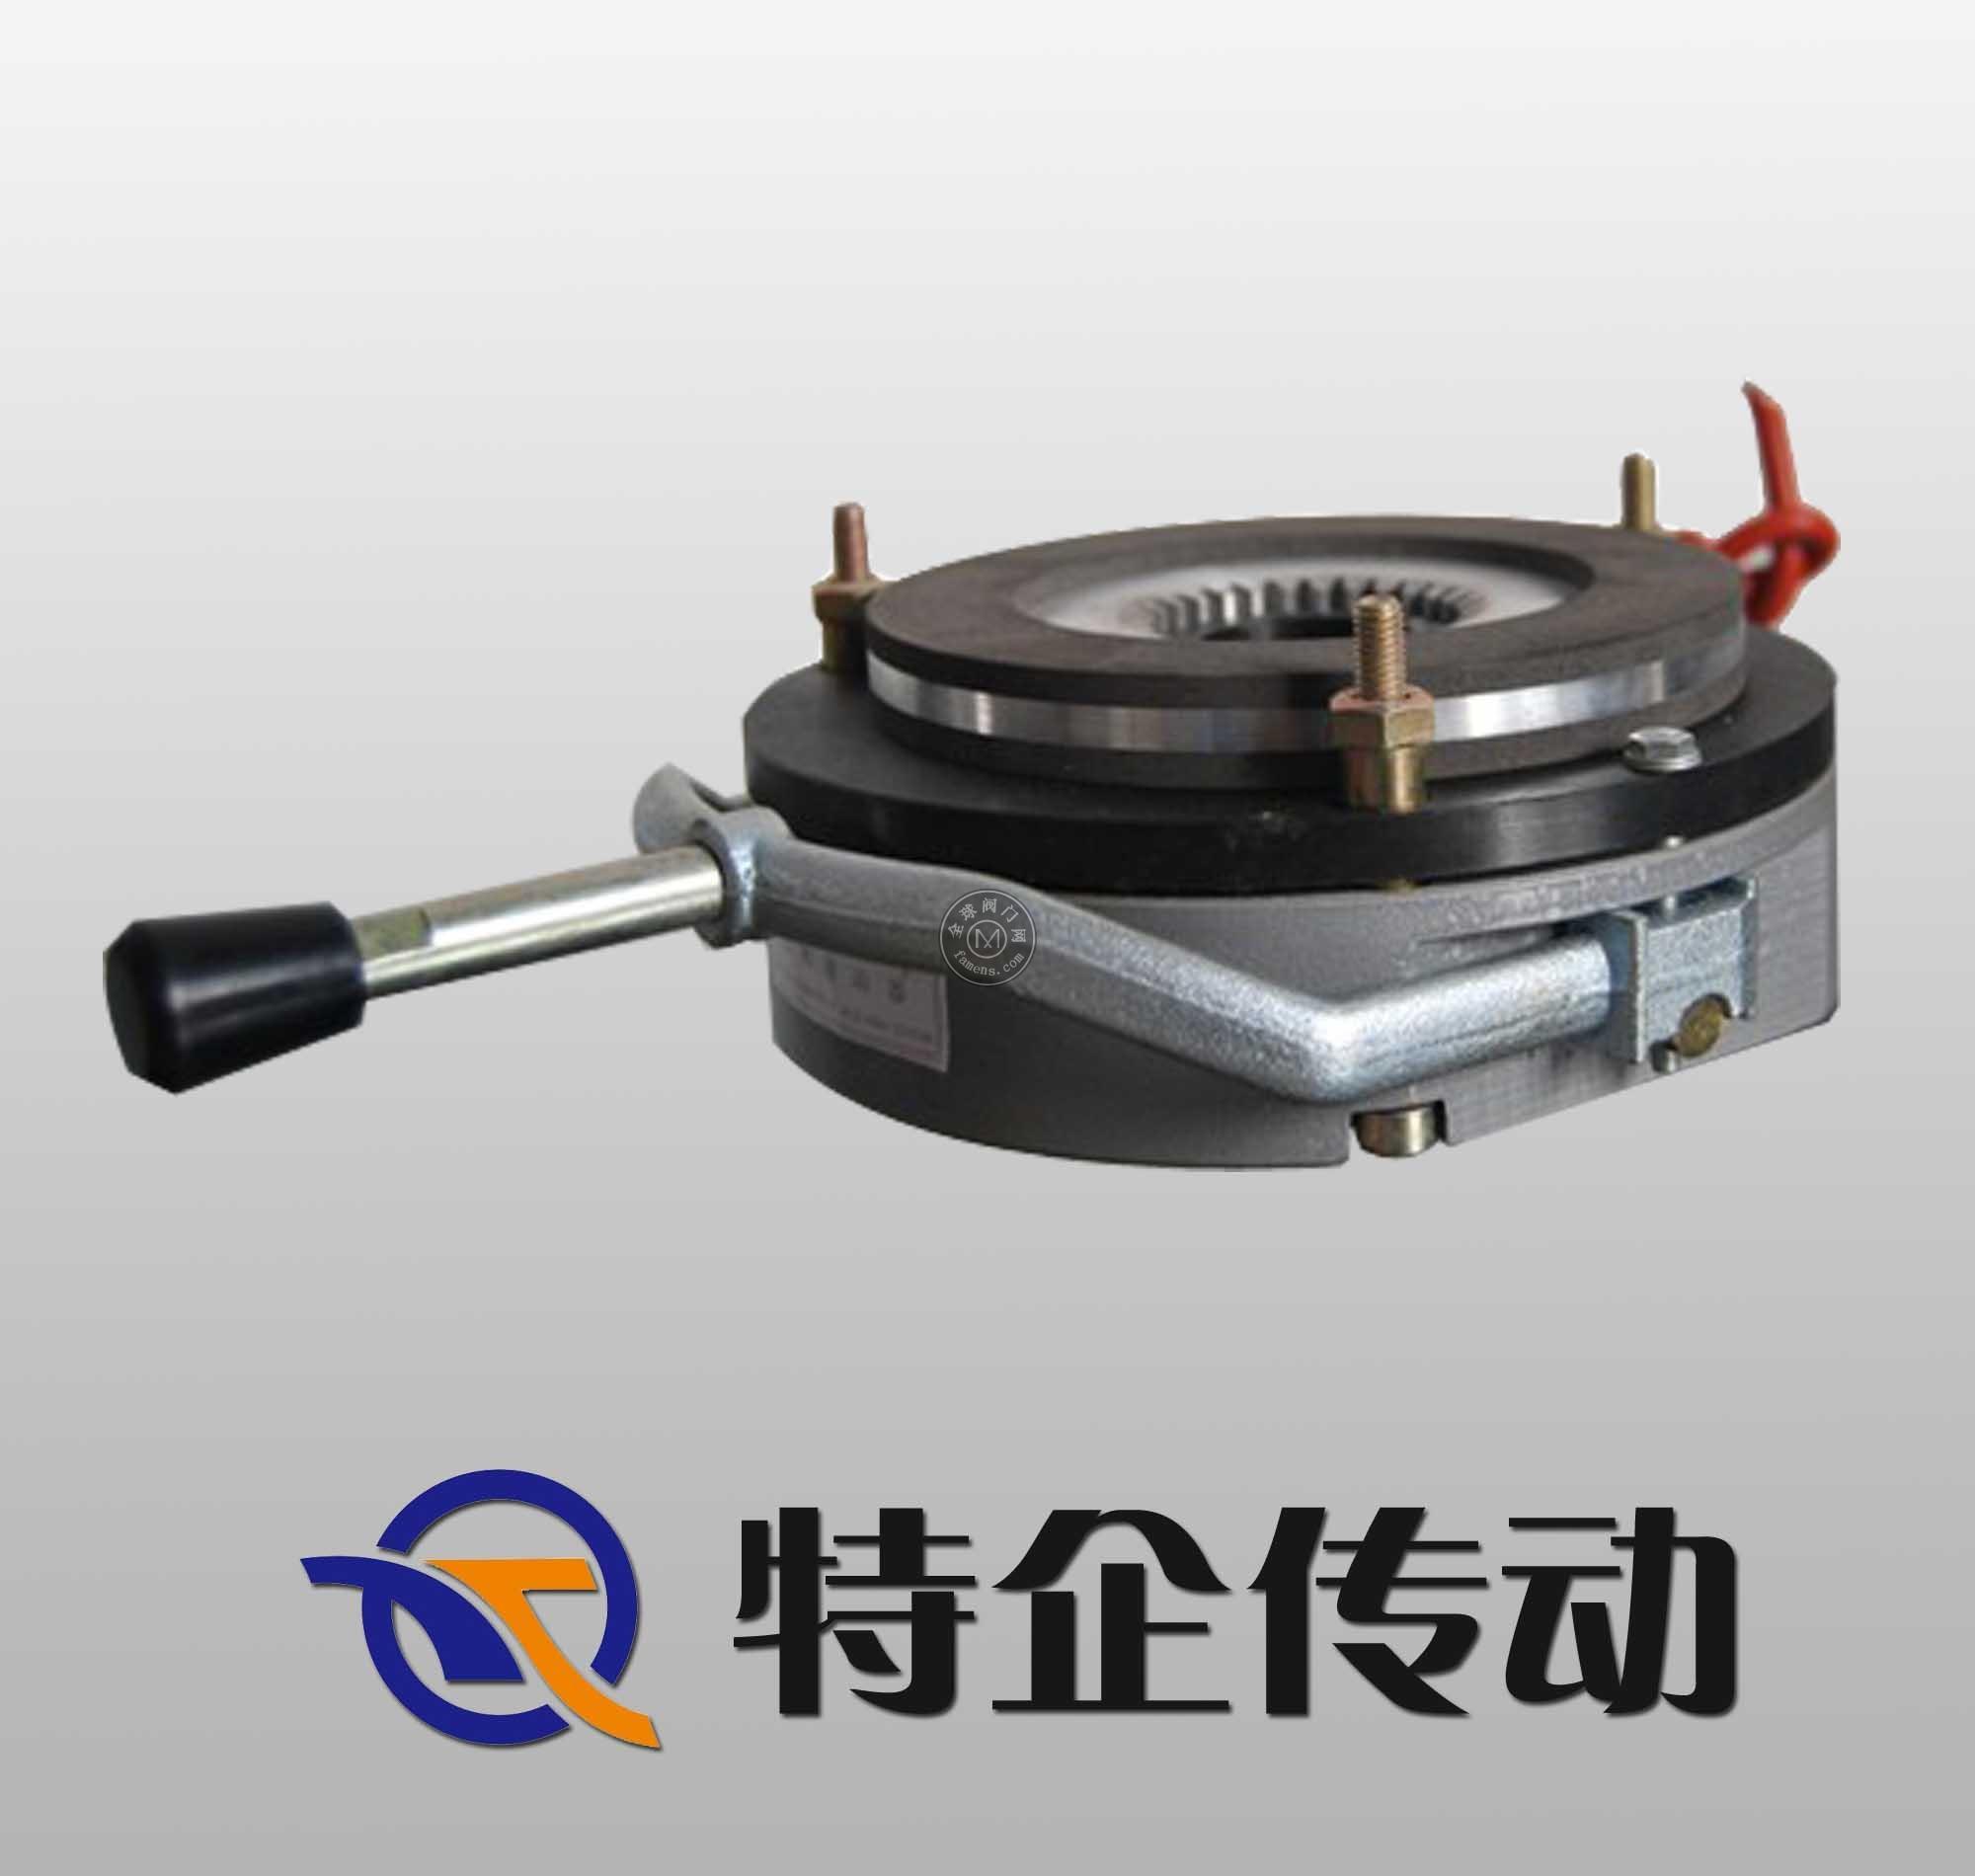 dzs3系列电磁失电制动器|dzs3电机制动器